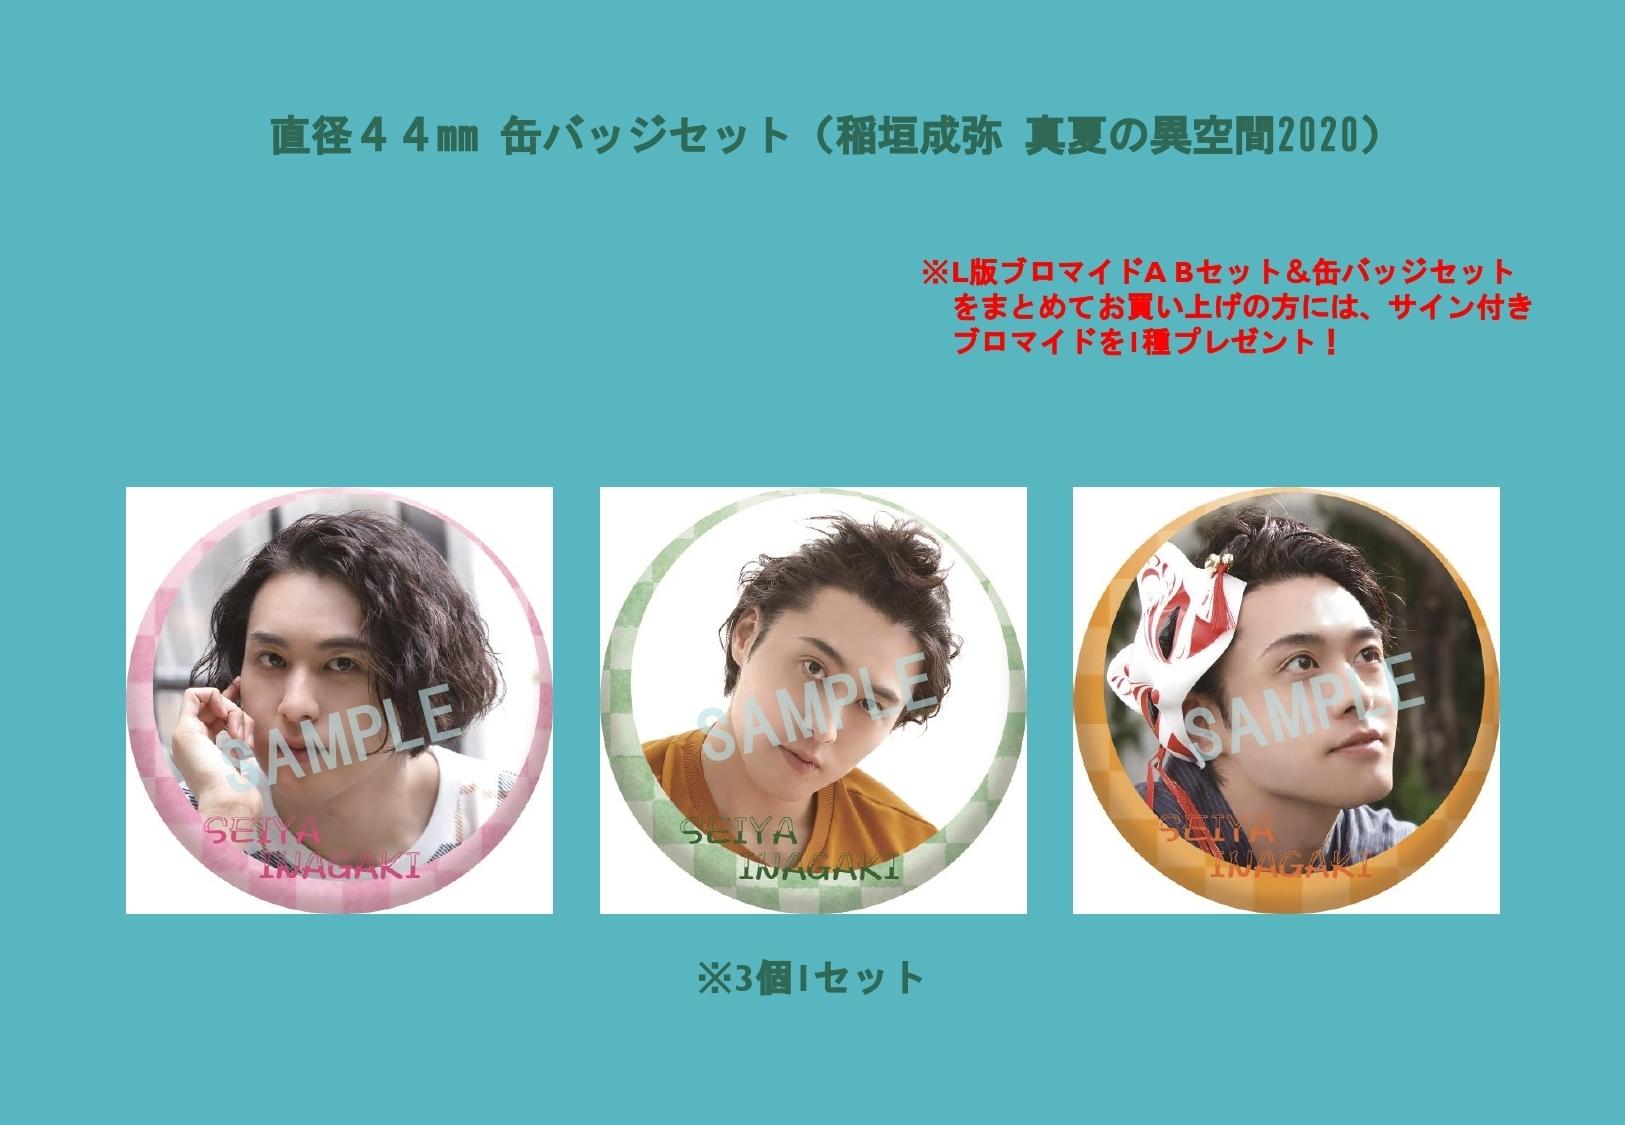 缶バッジセット(稲垣成弥 真夏の異空間2020 )